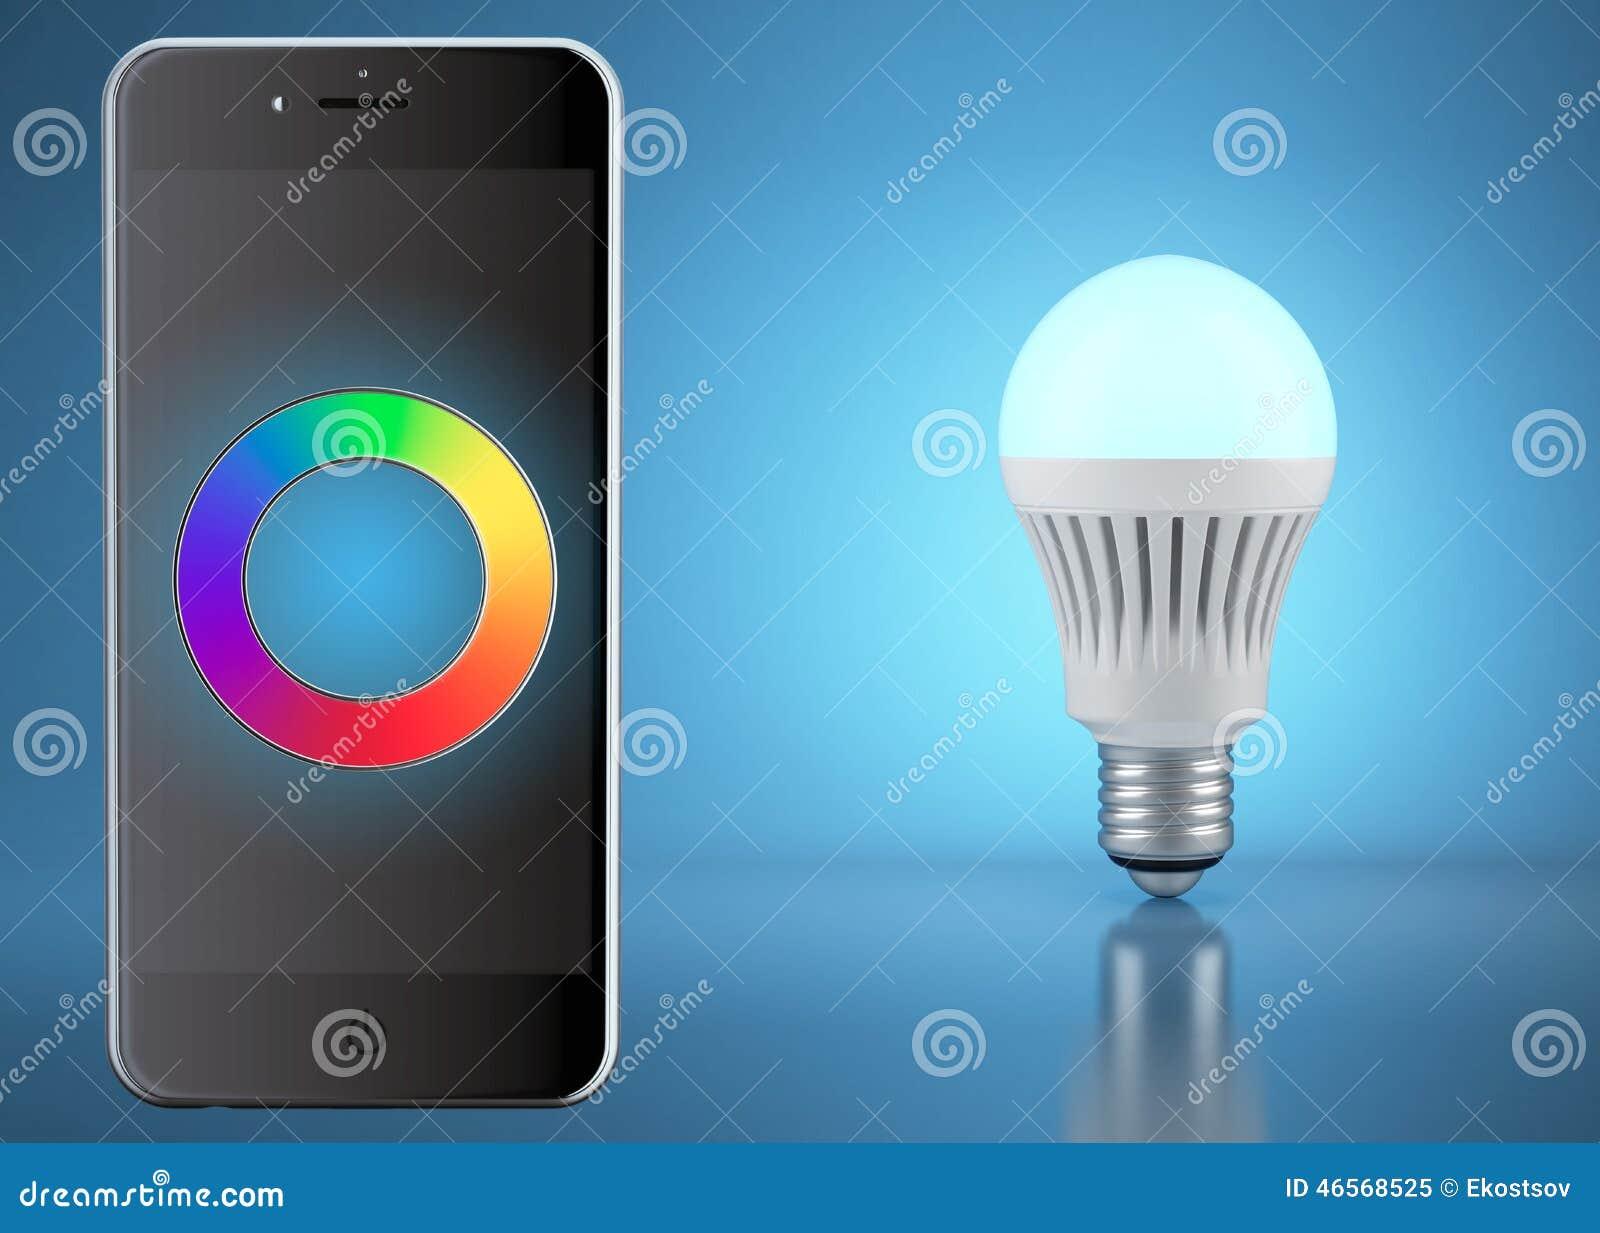 Lampada Led Con Telecomando.Lampadina Multicolore Del Led Con Telecomando Dal Telefono